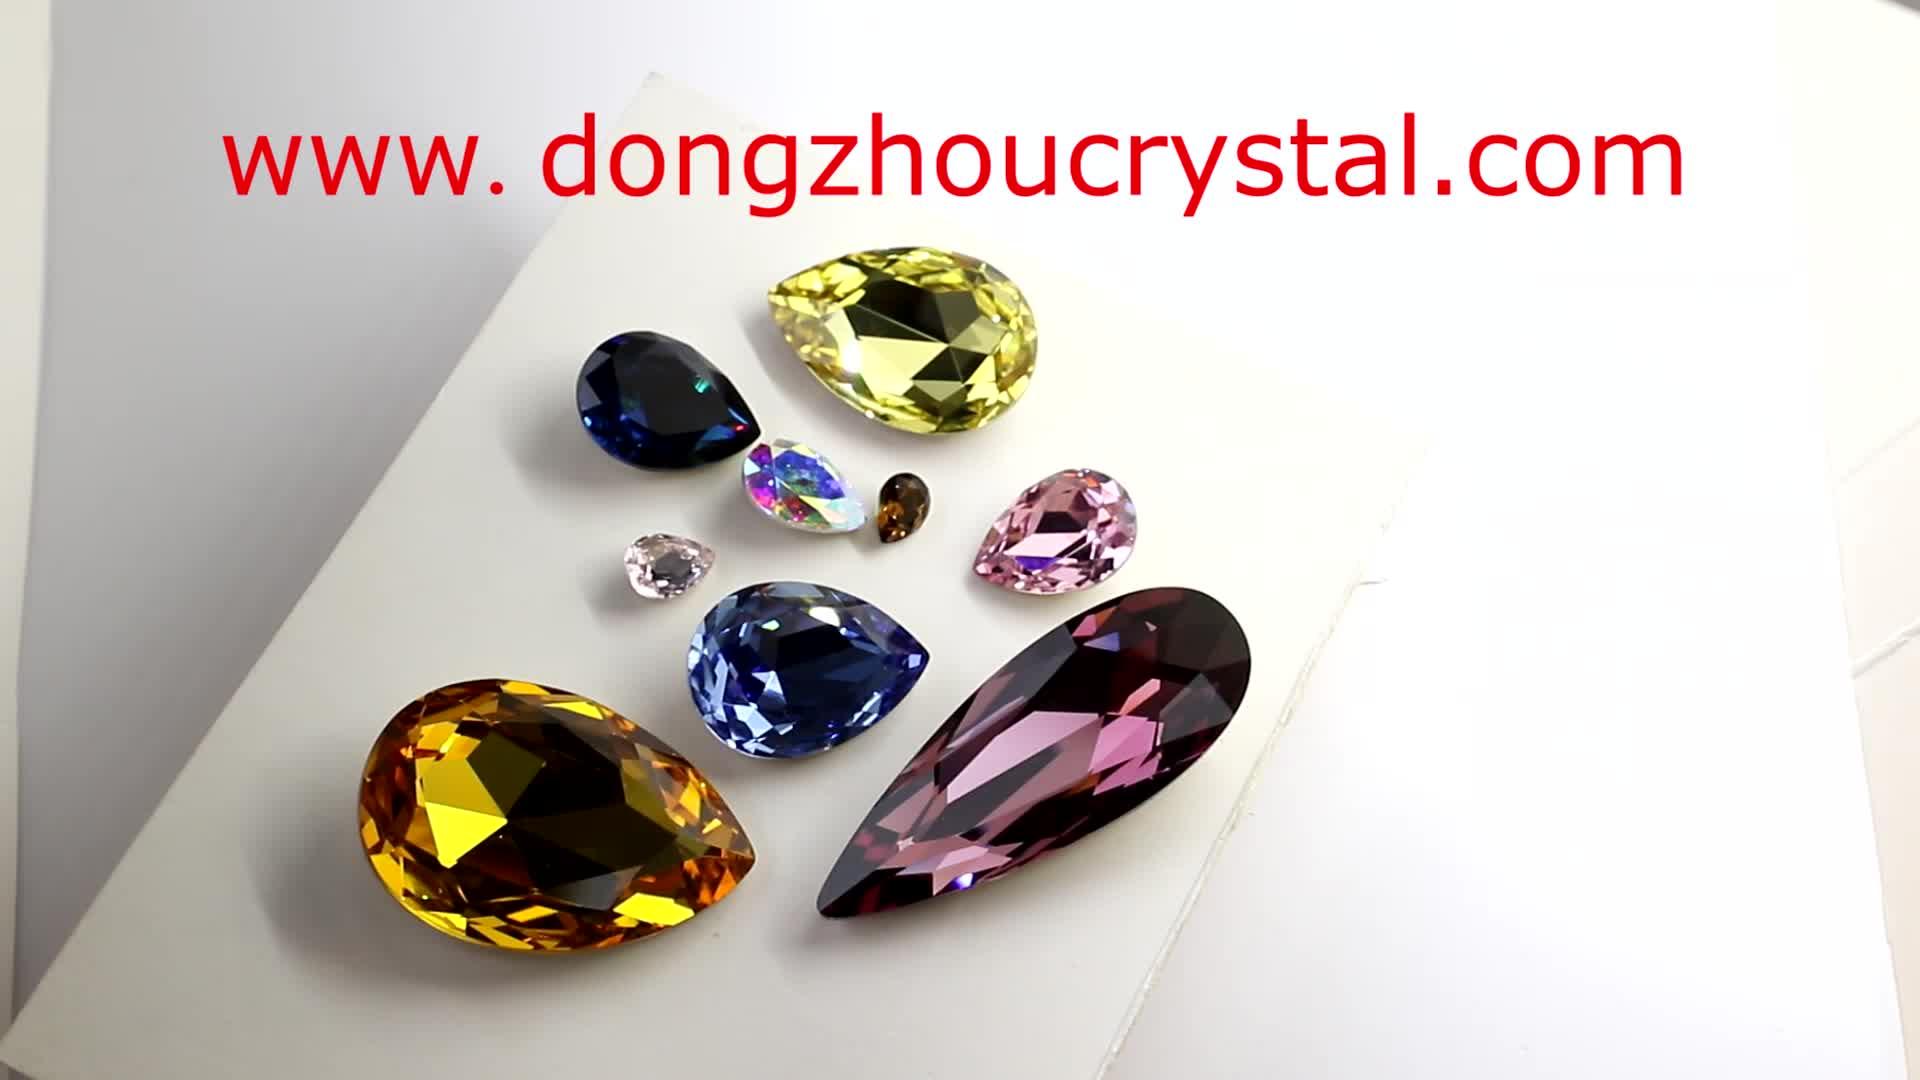 DZ-3003 Gevşek Sivri Geri Kristal Rhinestone gözyaşı kristali Boncuk Takı Yapımı Için